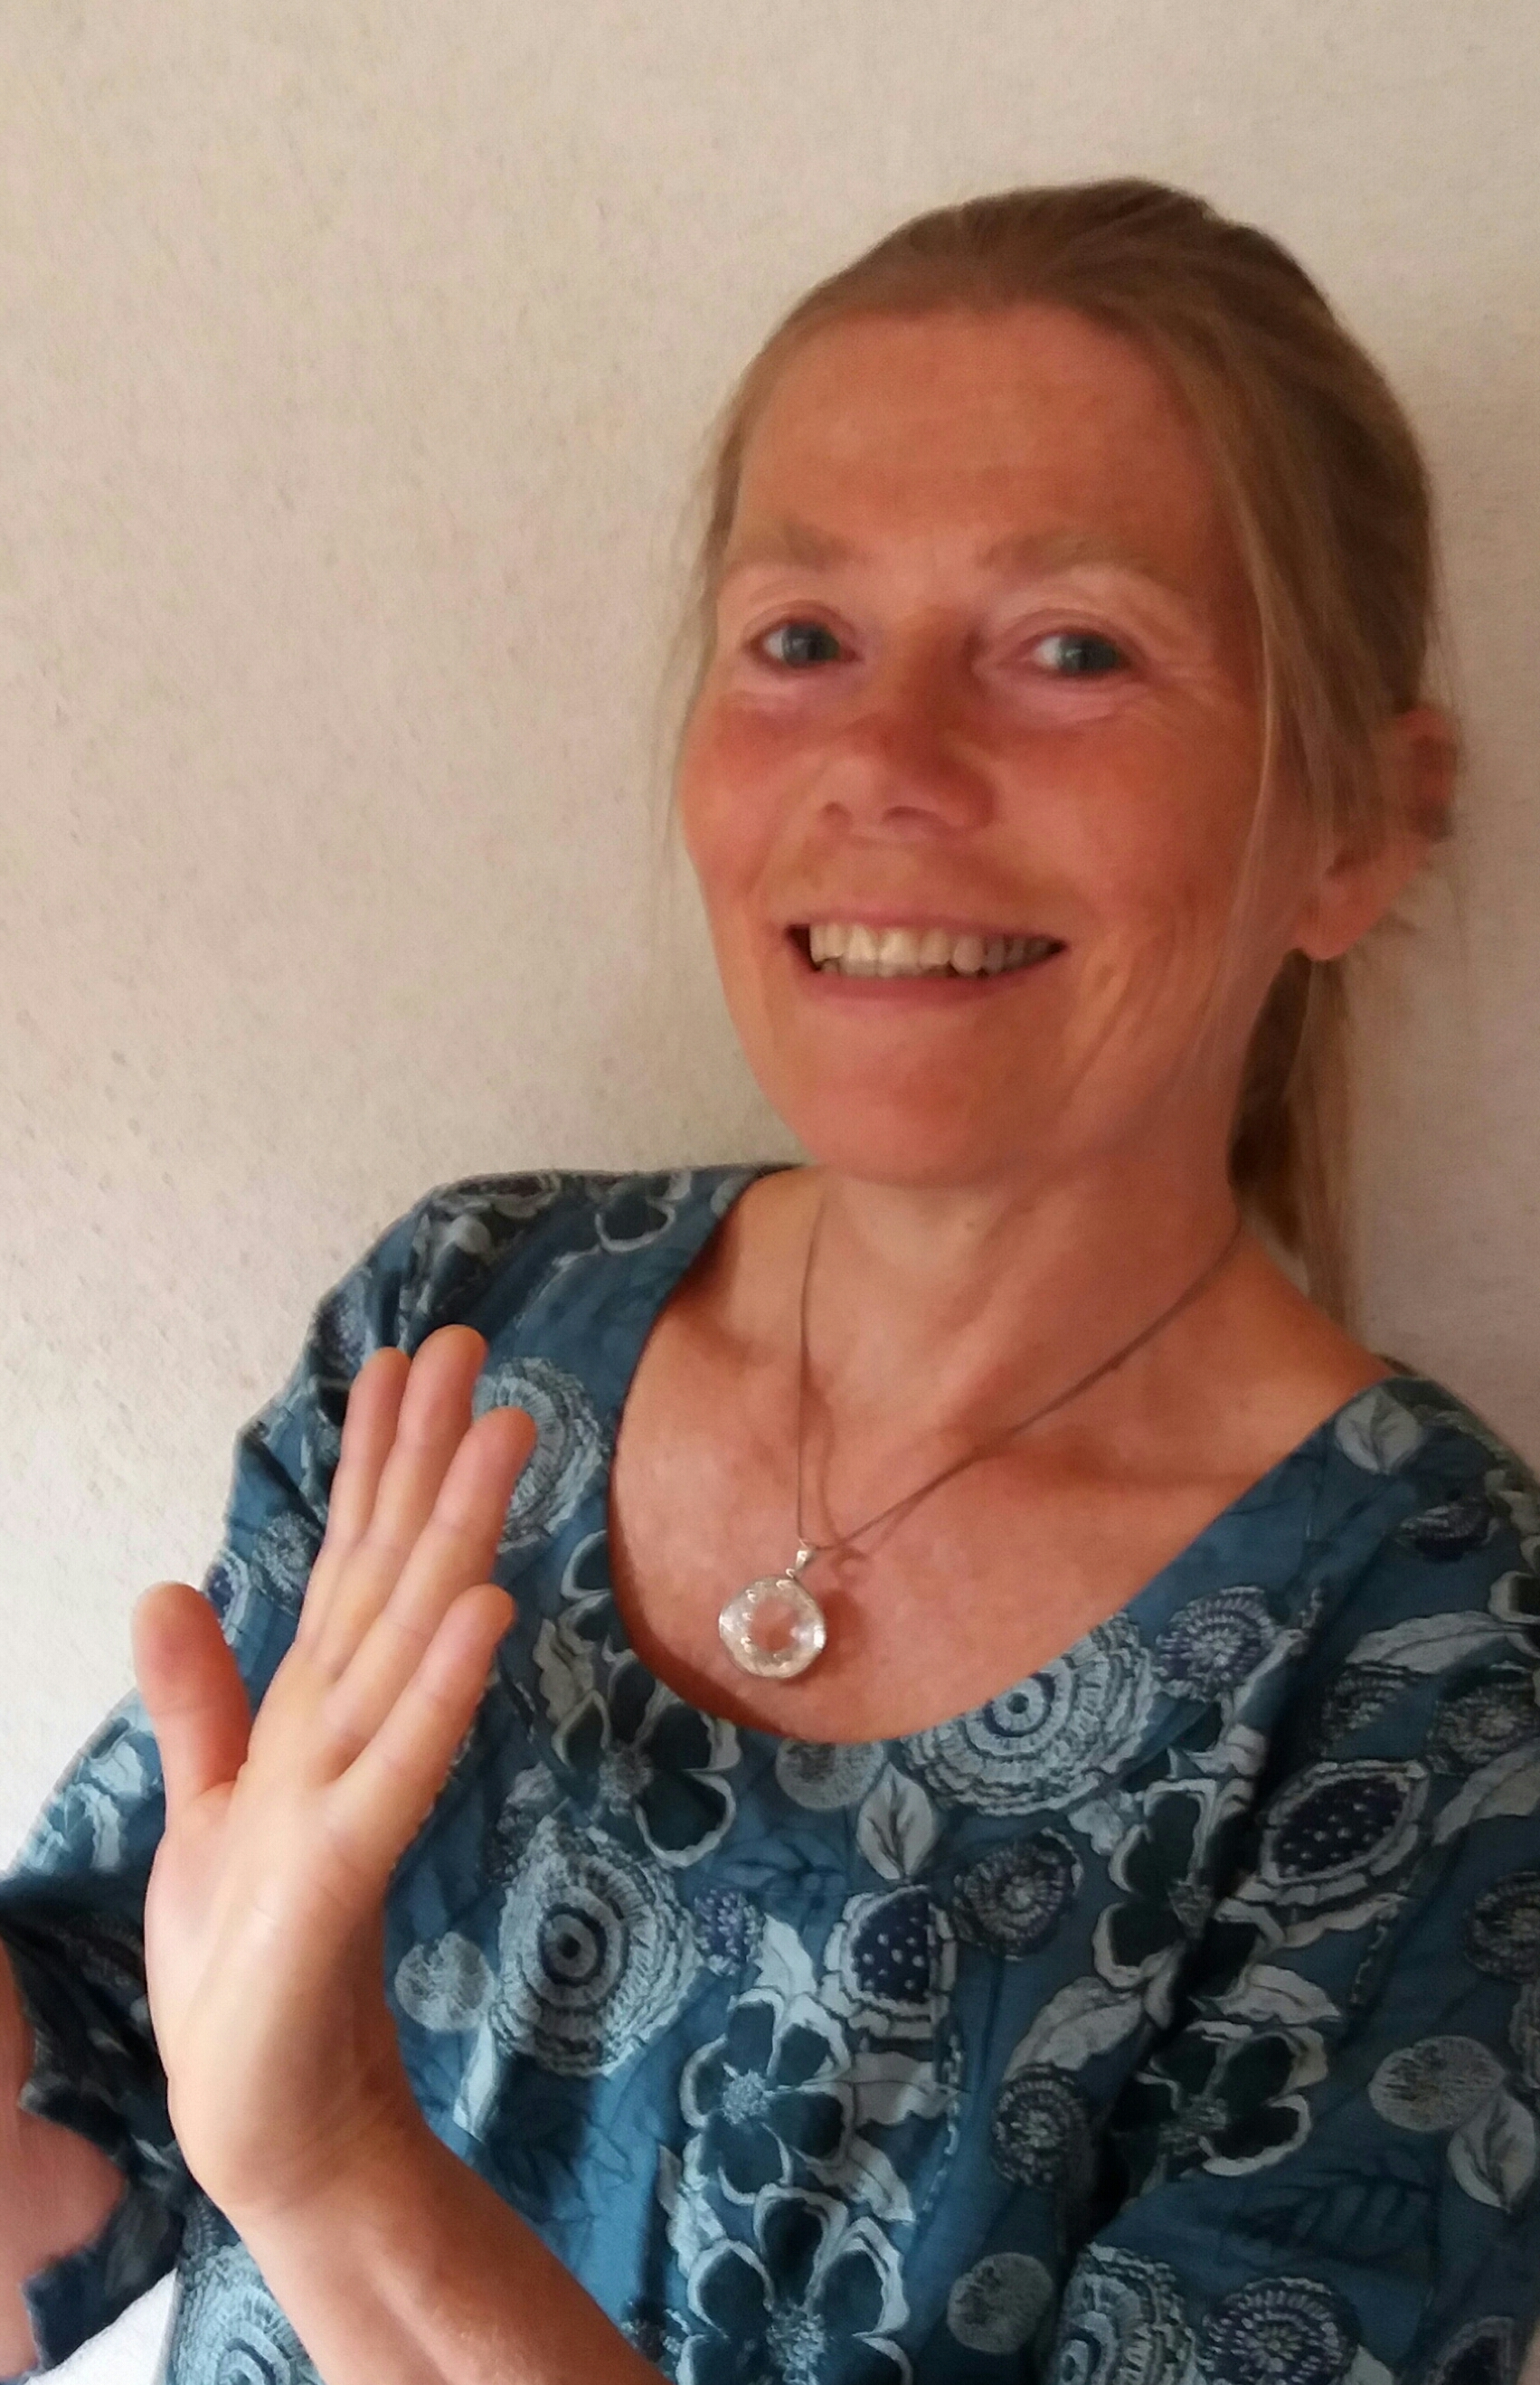 - NOCHENKA WELSH est thérapeute psycho-corporelle depuis 20 ans, formée en somato-thérapie, soins énergétiques, massages, qi gong thérapeutique, et MER depuis 2016. Elle donne des soins à Montbrun Bocage (31310) à Manaska.Téléphone : 05 61 98 92 64.Site internet de son lieu d'accueil pour stages et séances : manaska.eu.